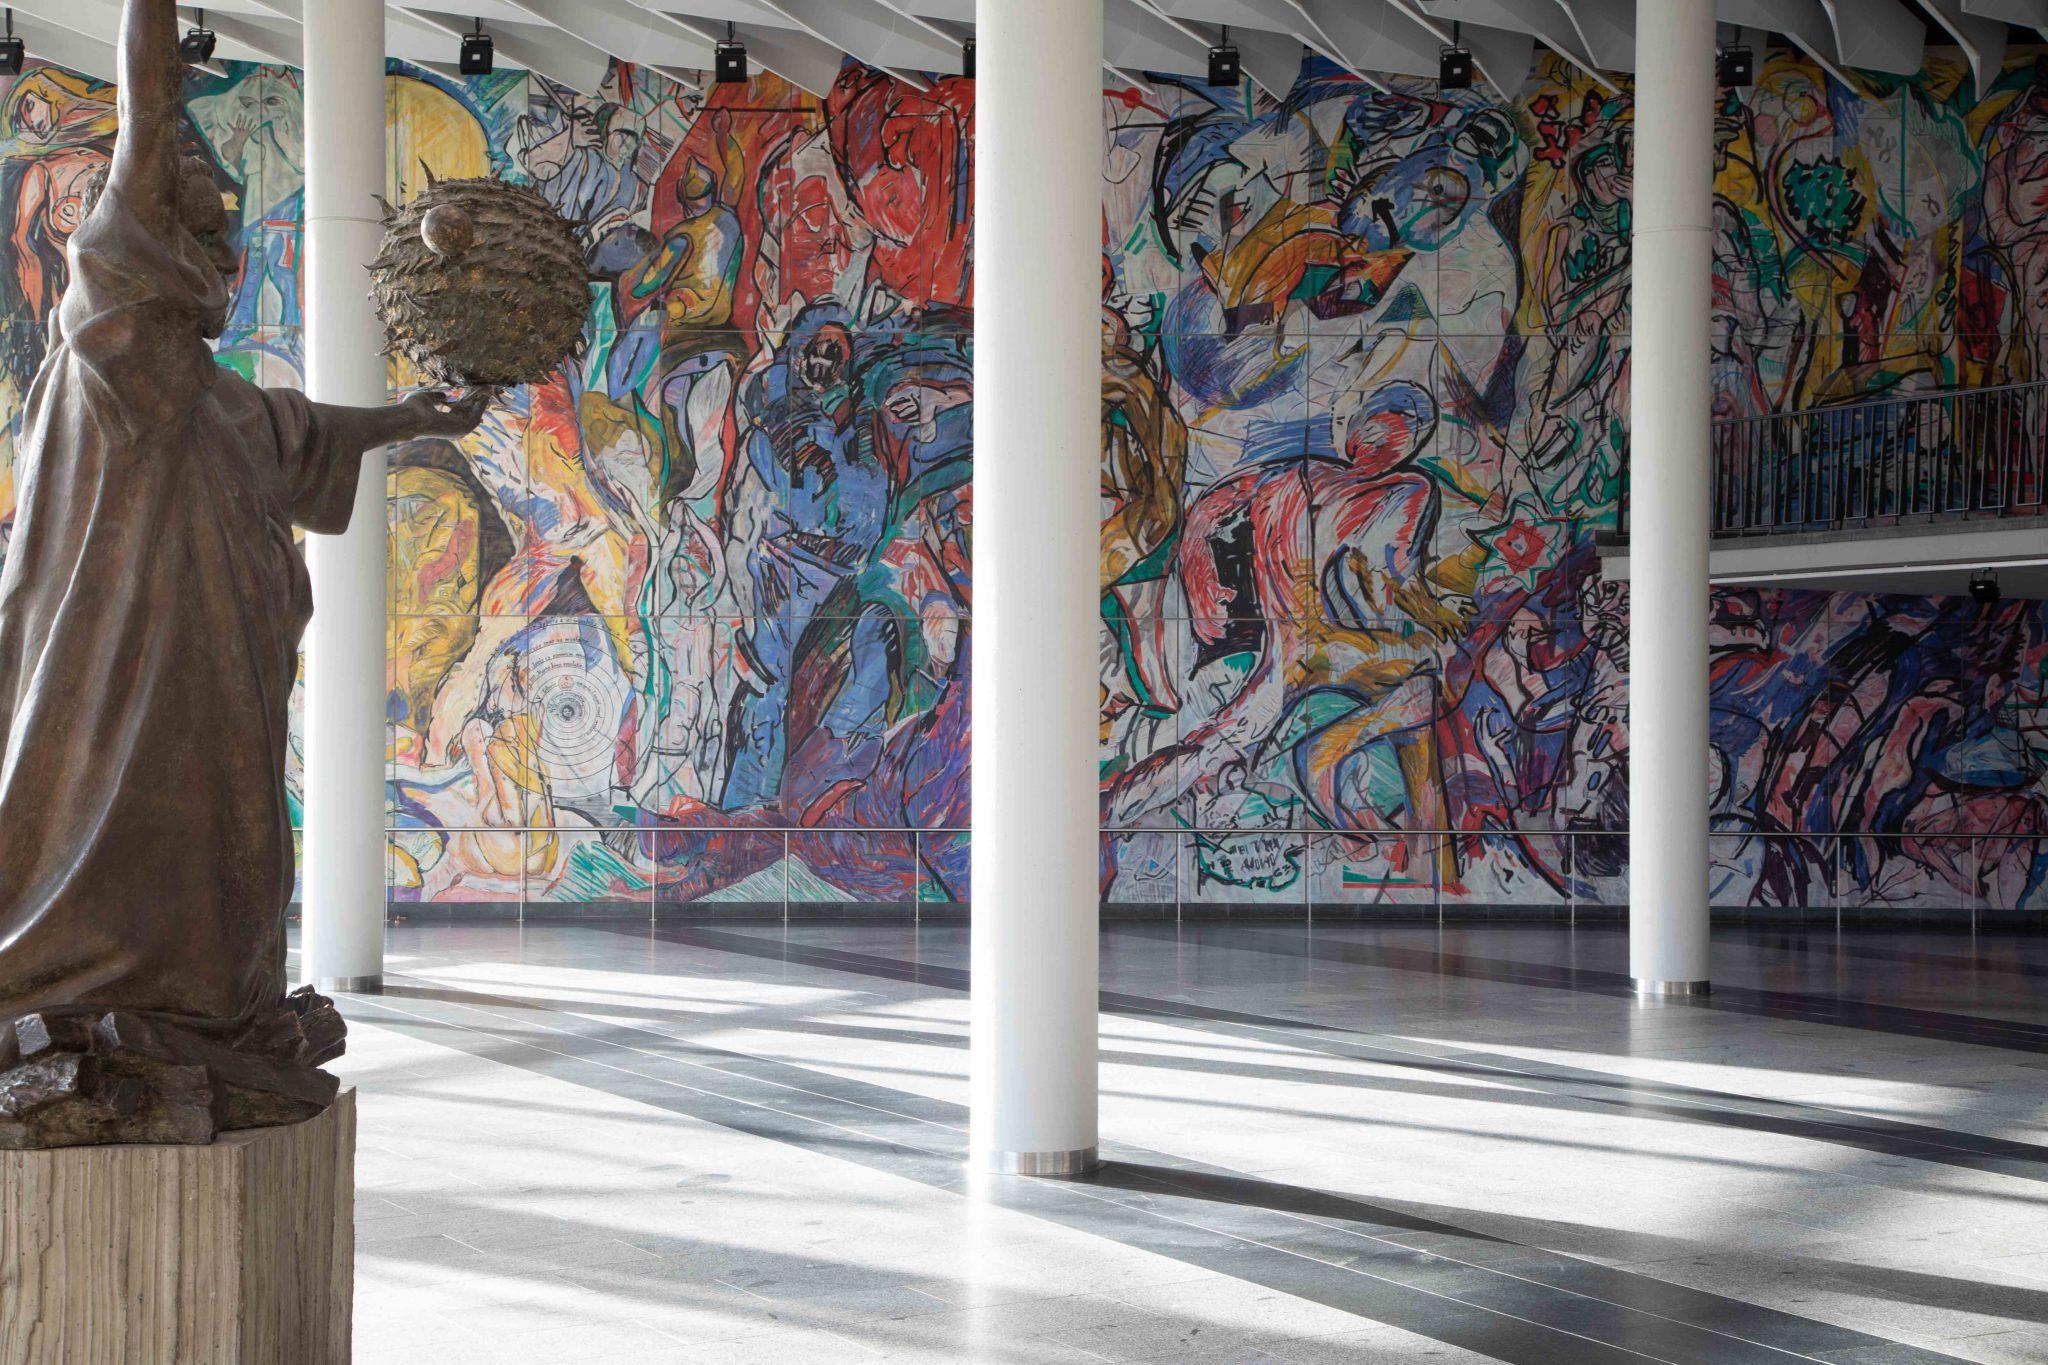 Blick ins Foyer der Stadthalle Chemnitz, Foto: Alexander Meyer © Kunstsammlungen Chemnitz | Alexander Meyer